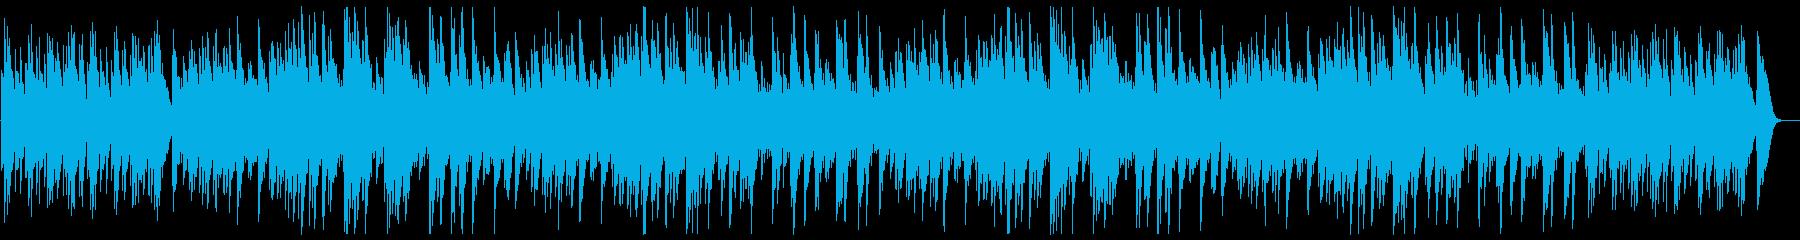 オルゴールで奏でる80年代ポップス風の再生済みの波形